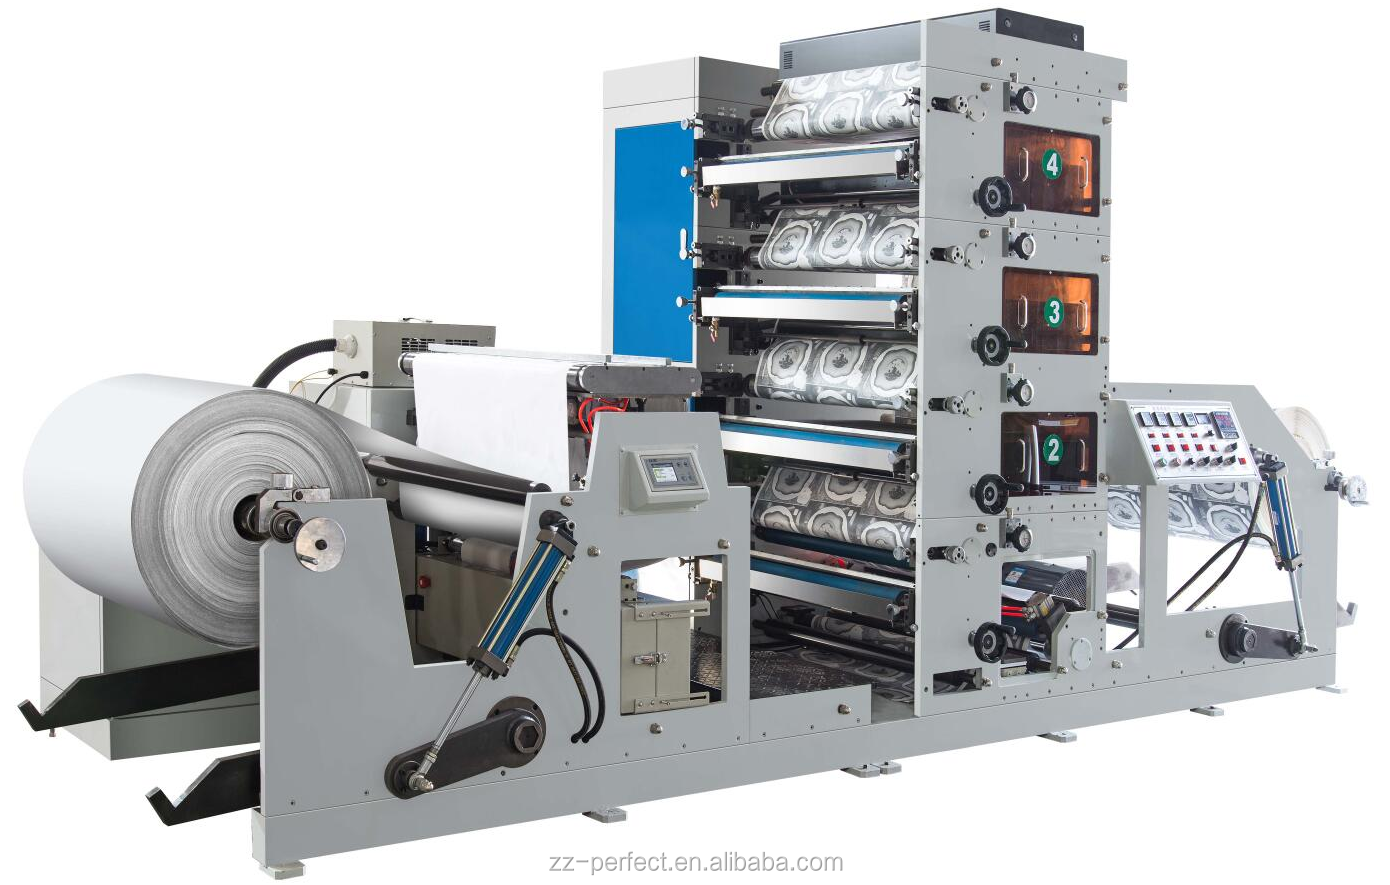 PFD-12 Küçük otomatik kağıt kek kupası yapma makinesi